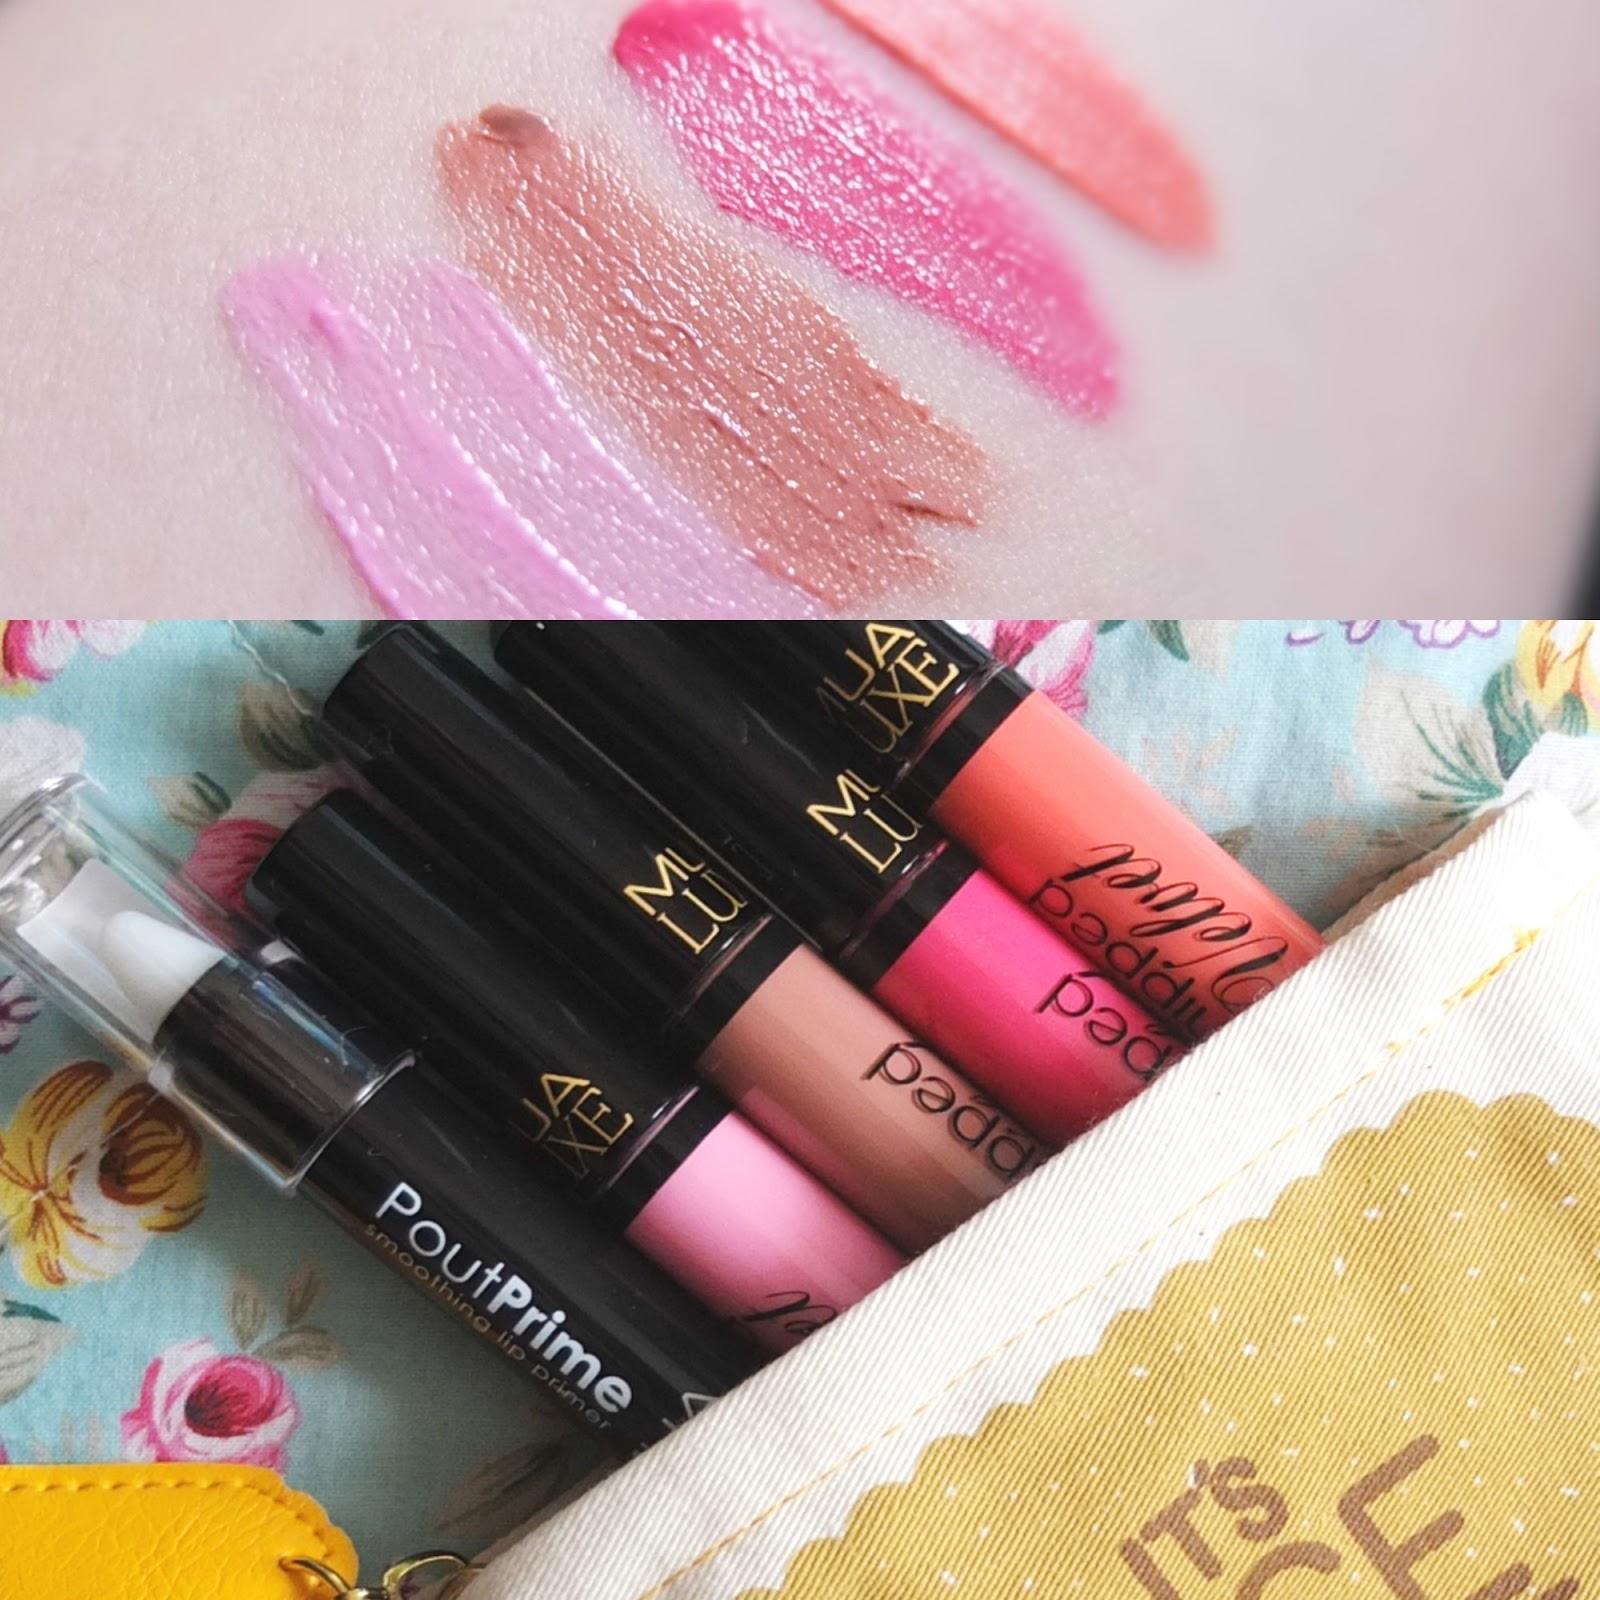 MUA Whipped Velvet Lip Creams Review